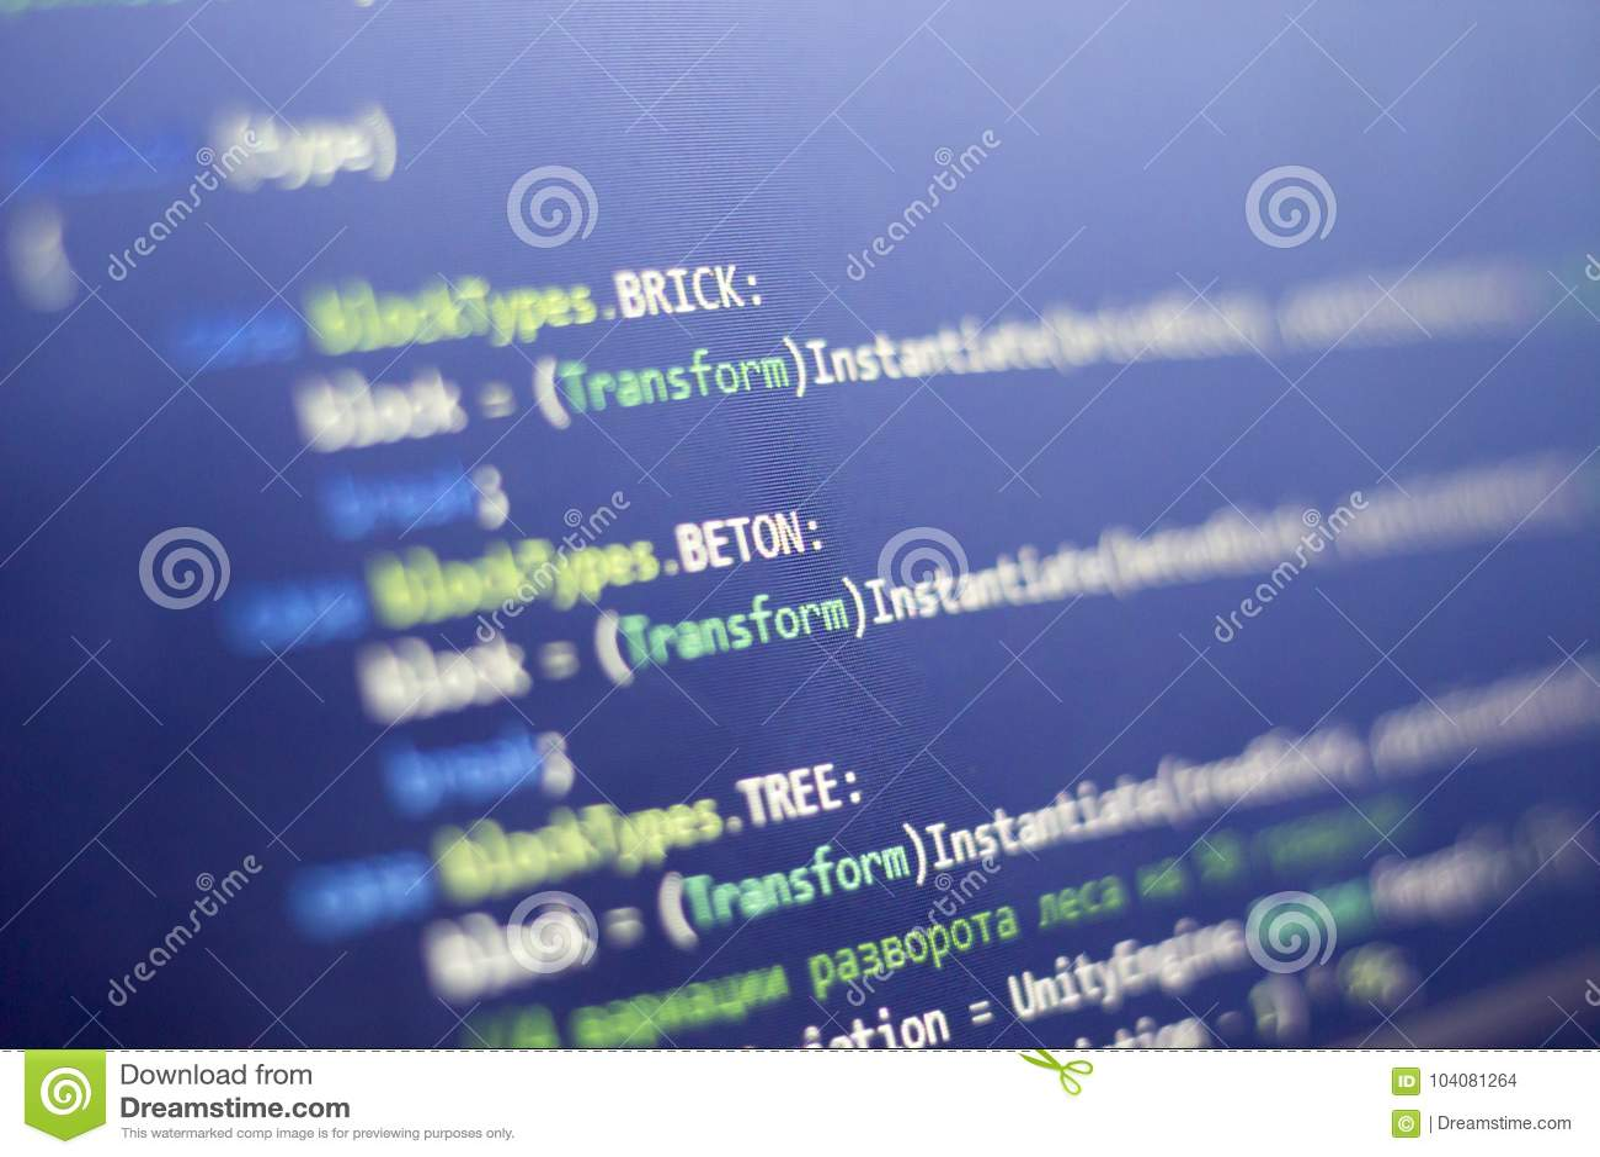 Software Development C-Sharp C ,  NET Code Close Up  Macro